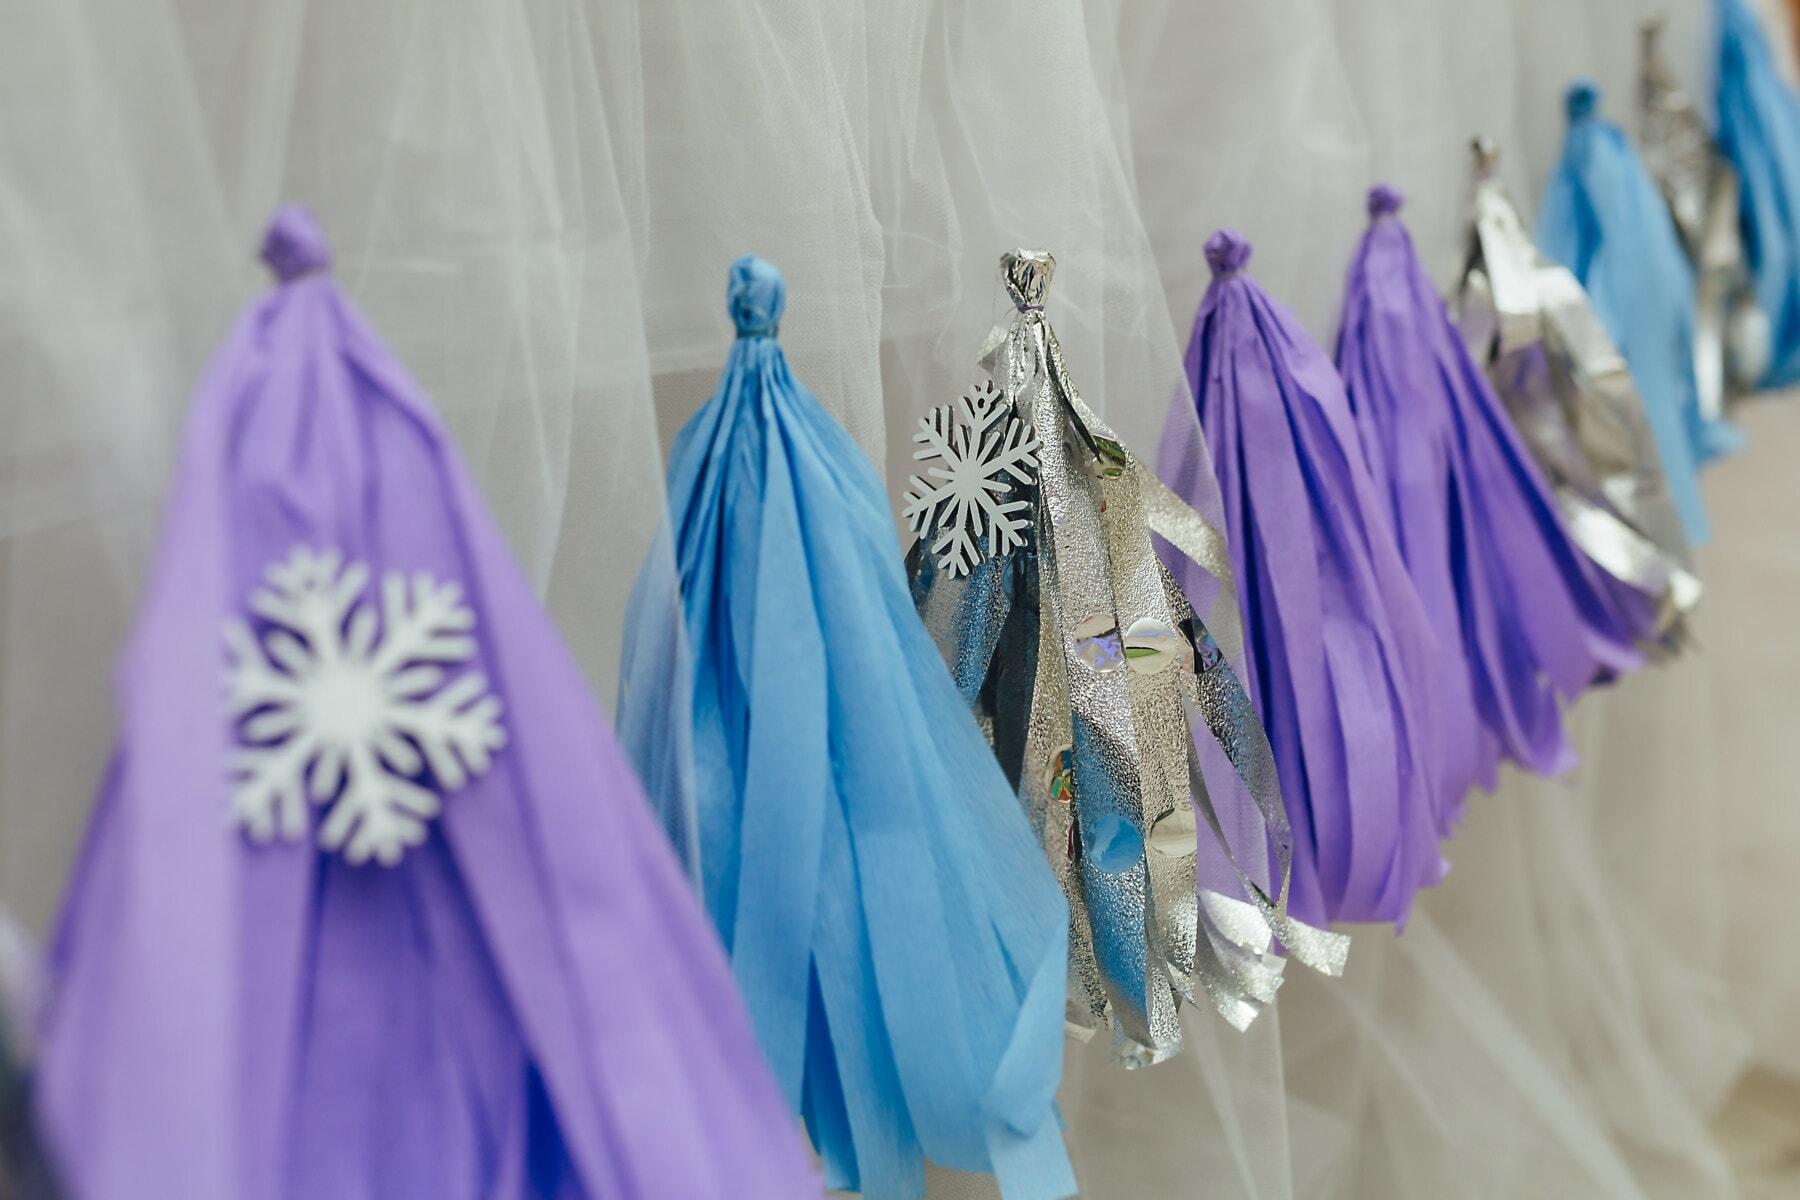 Schneeflocken, dekorative, Vorhang, elegant, hängende, Interieur-design, Mode, hell, Seide, Farbe